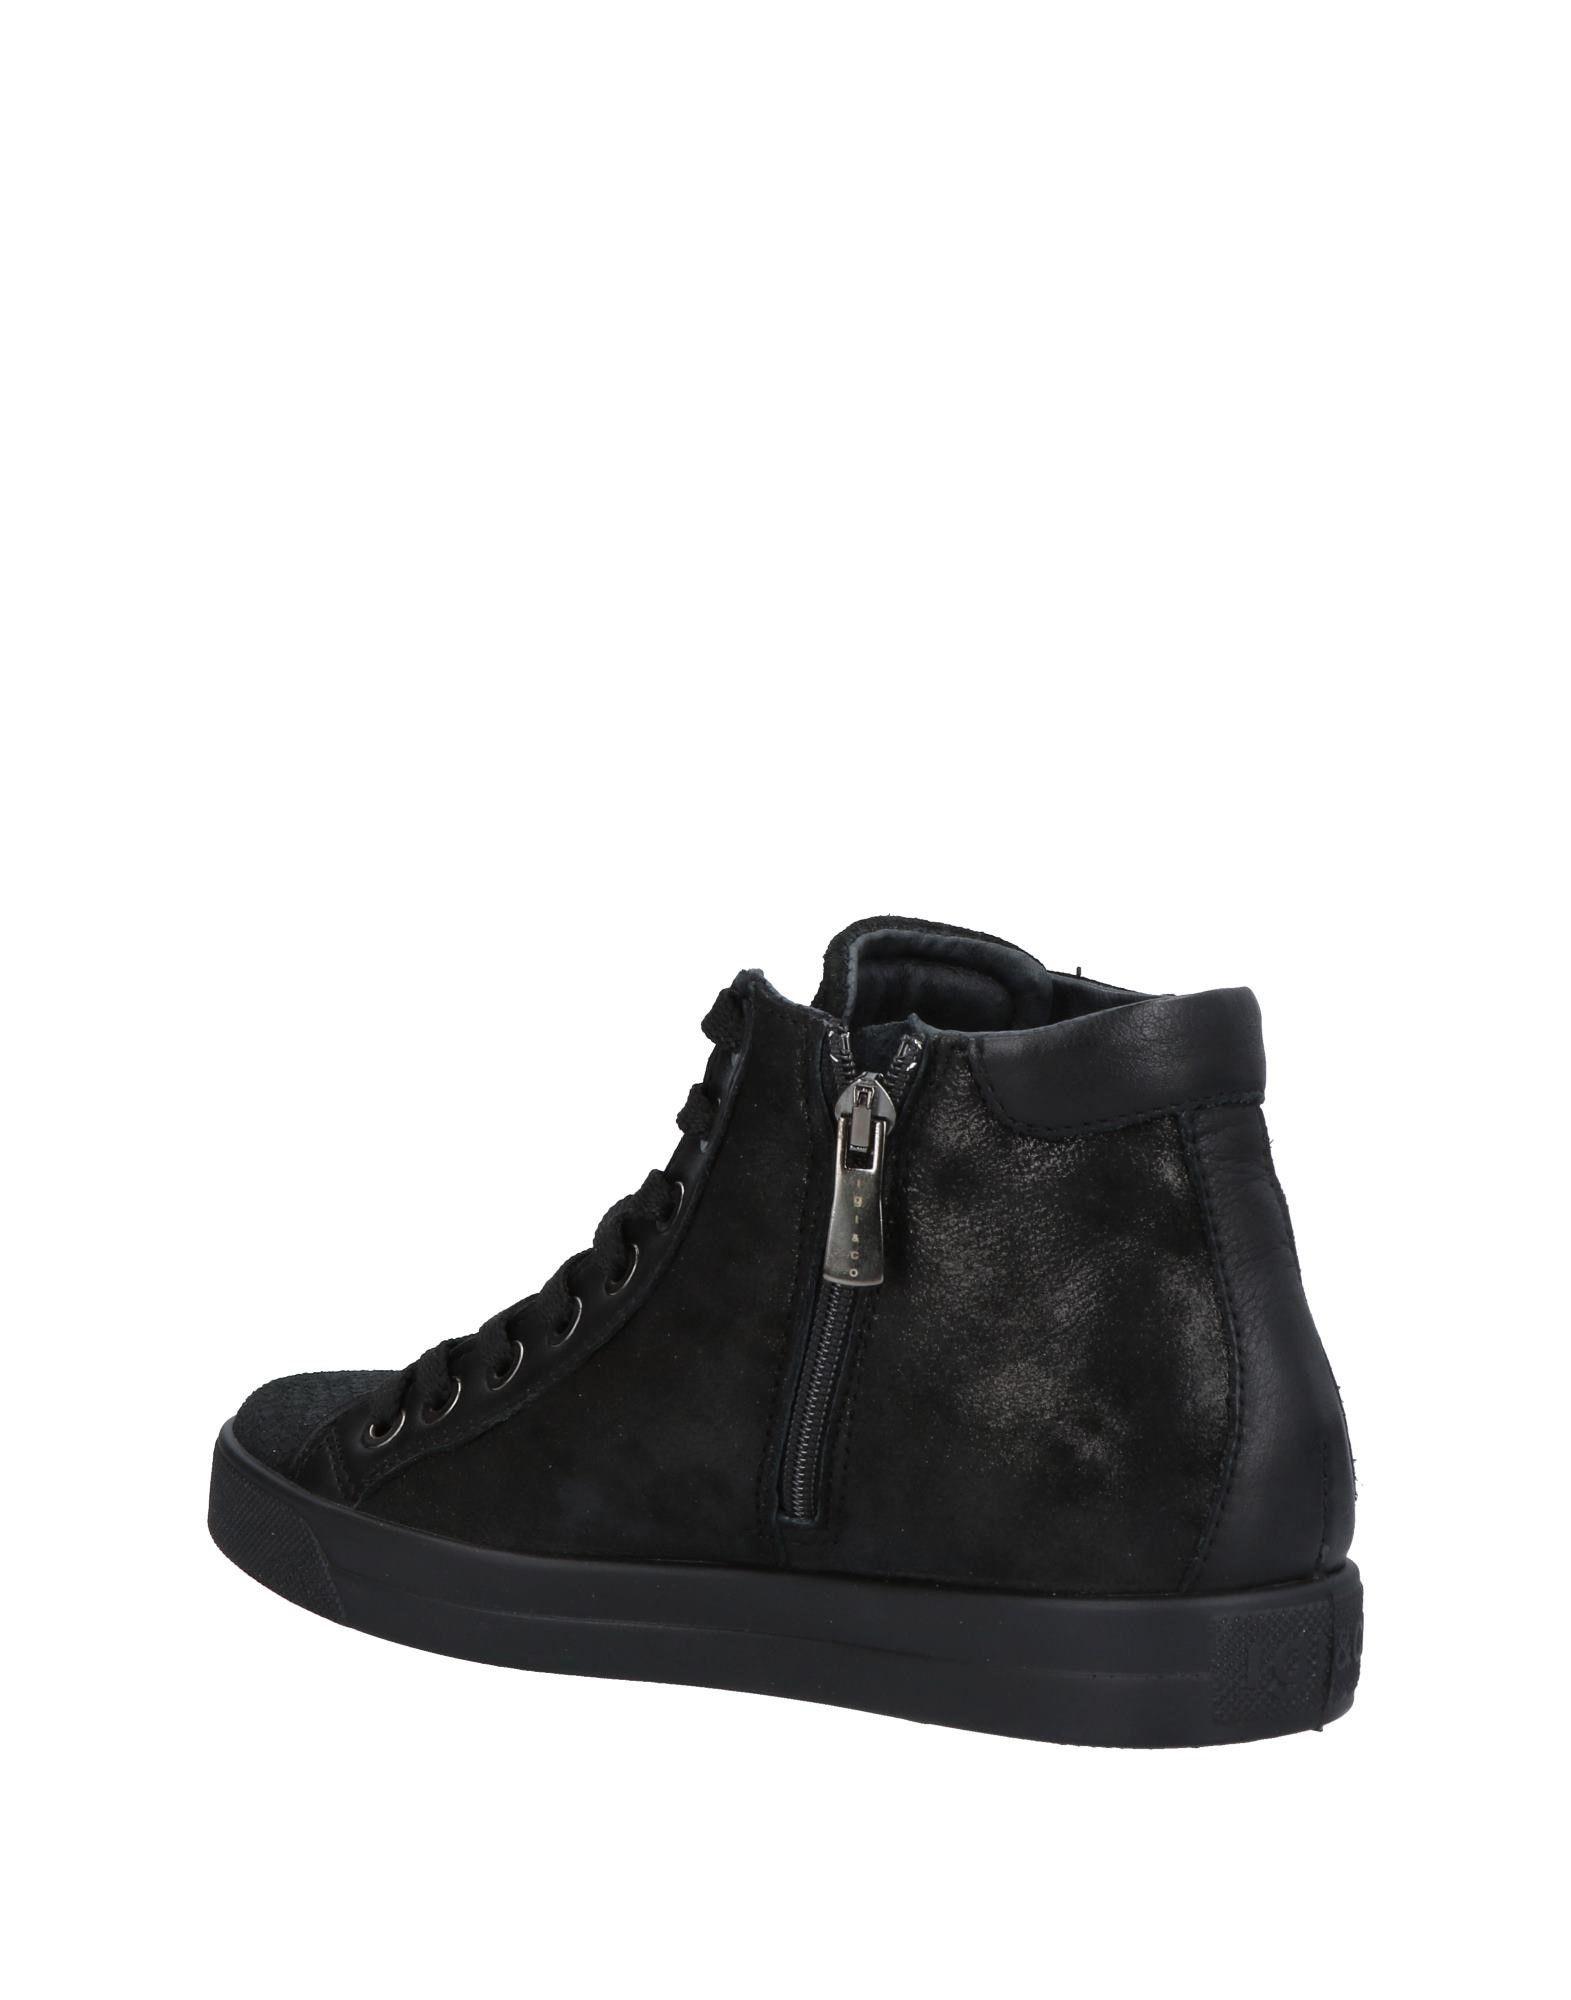 Igi&Co Sneakers Damen   11463963QU 7b12ec